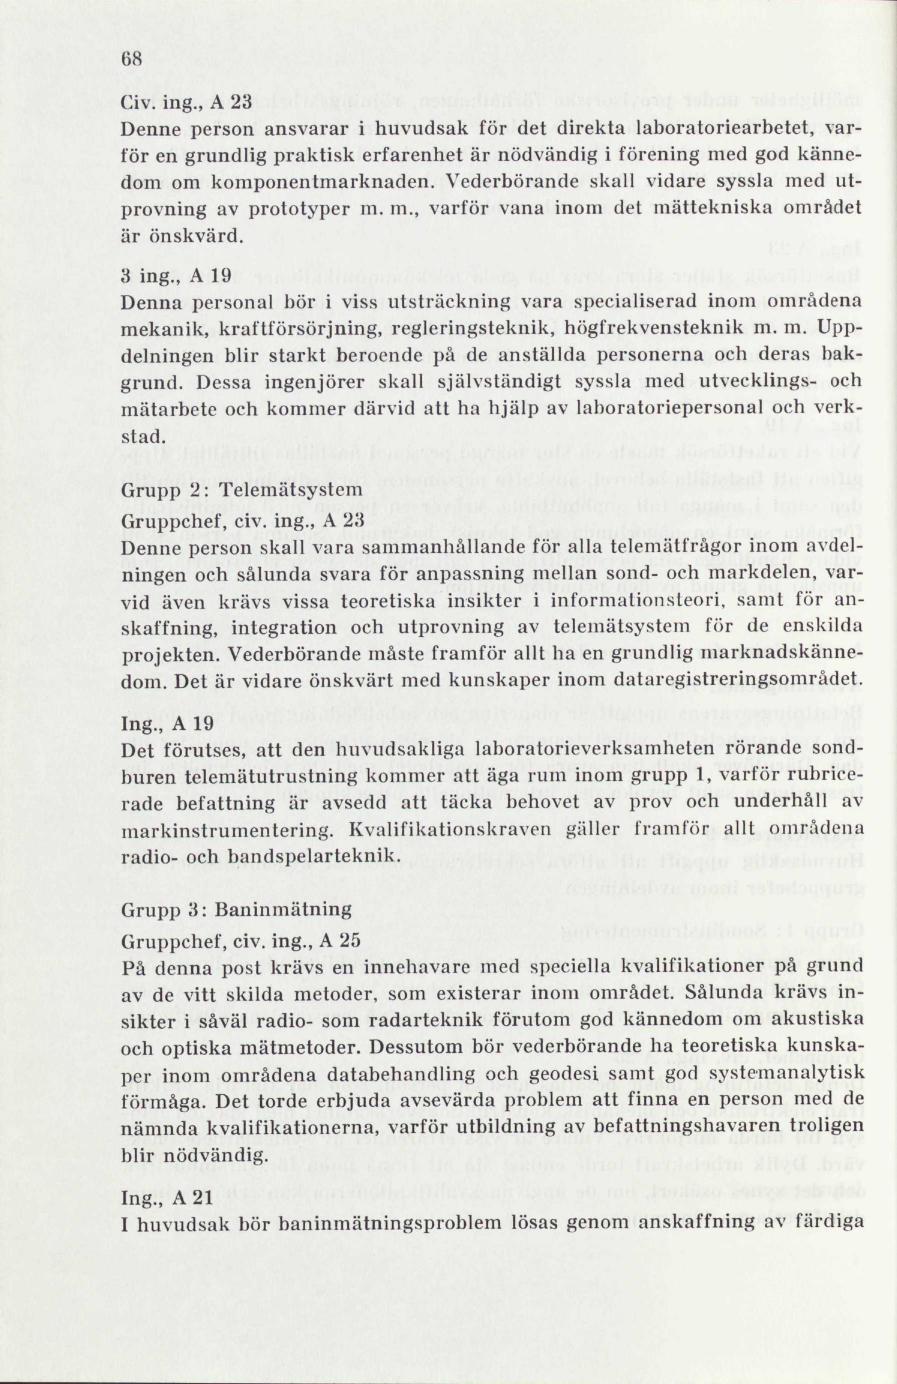 c62ecaf1 Organisatoriska åtgärder för rymdverksamhetens främjande | lagen.nu